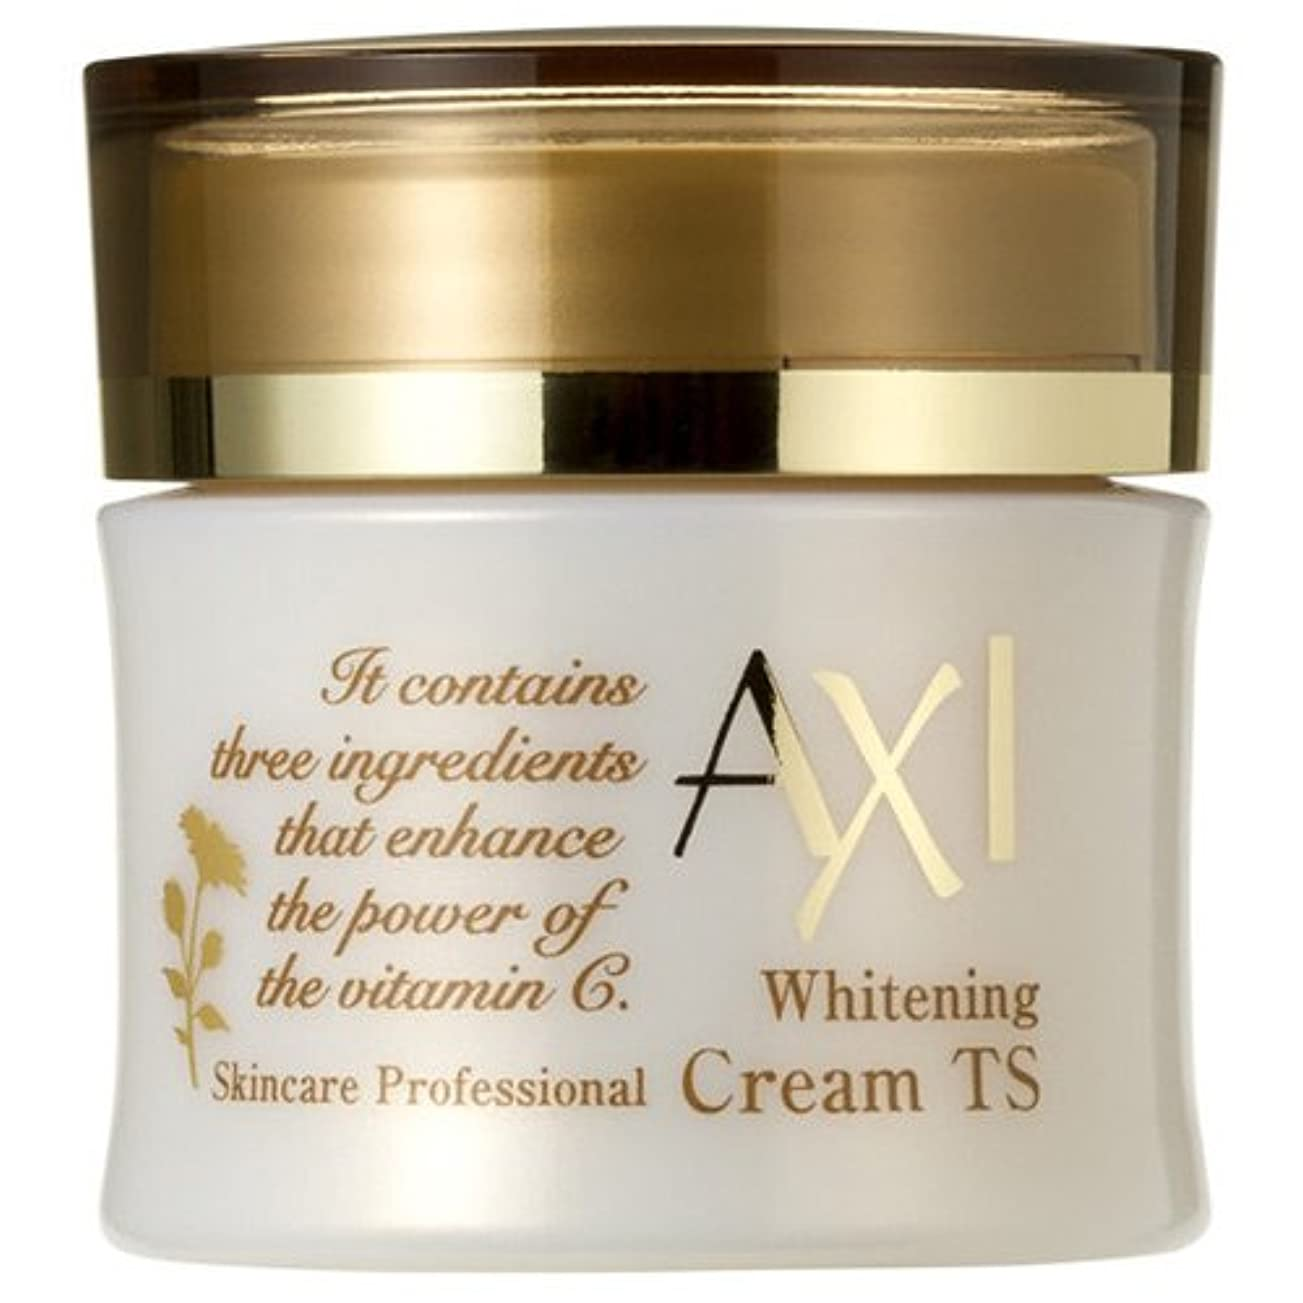 真鍮付添人分析するクオレ AXI ホワイトニング クリーム TS 35g 医薬部外品